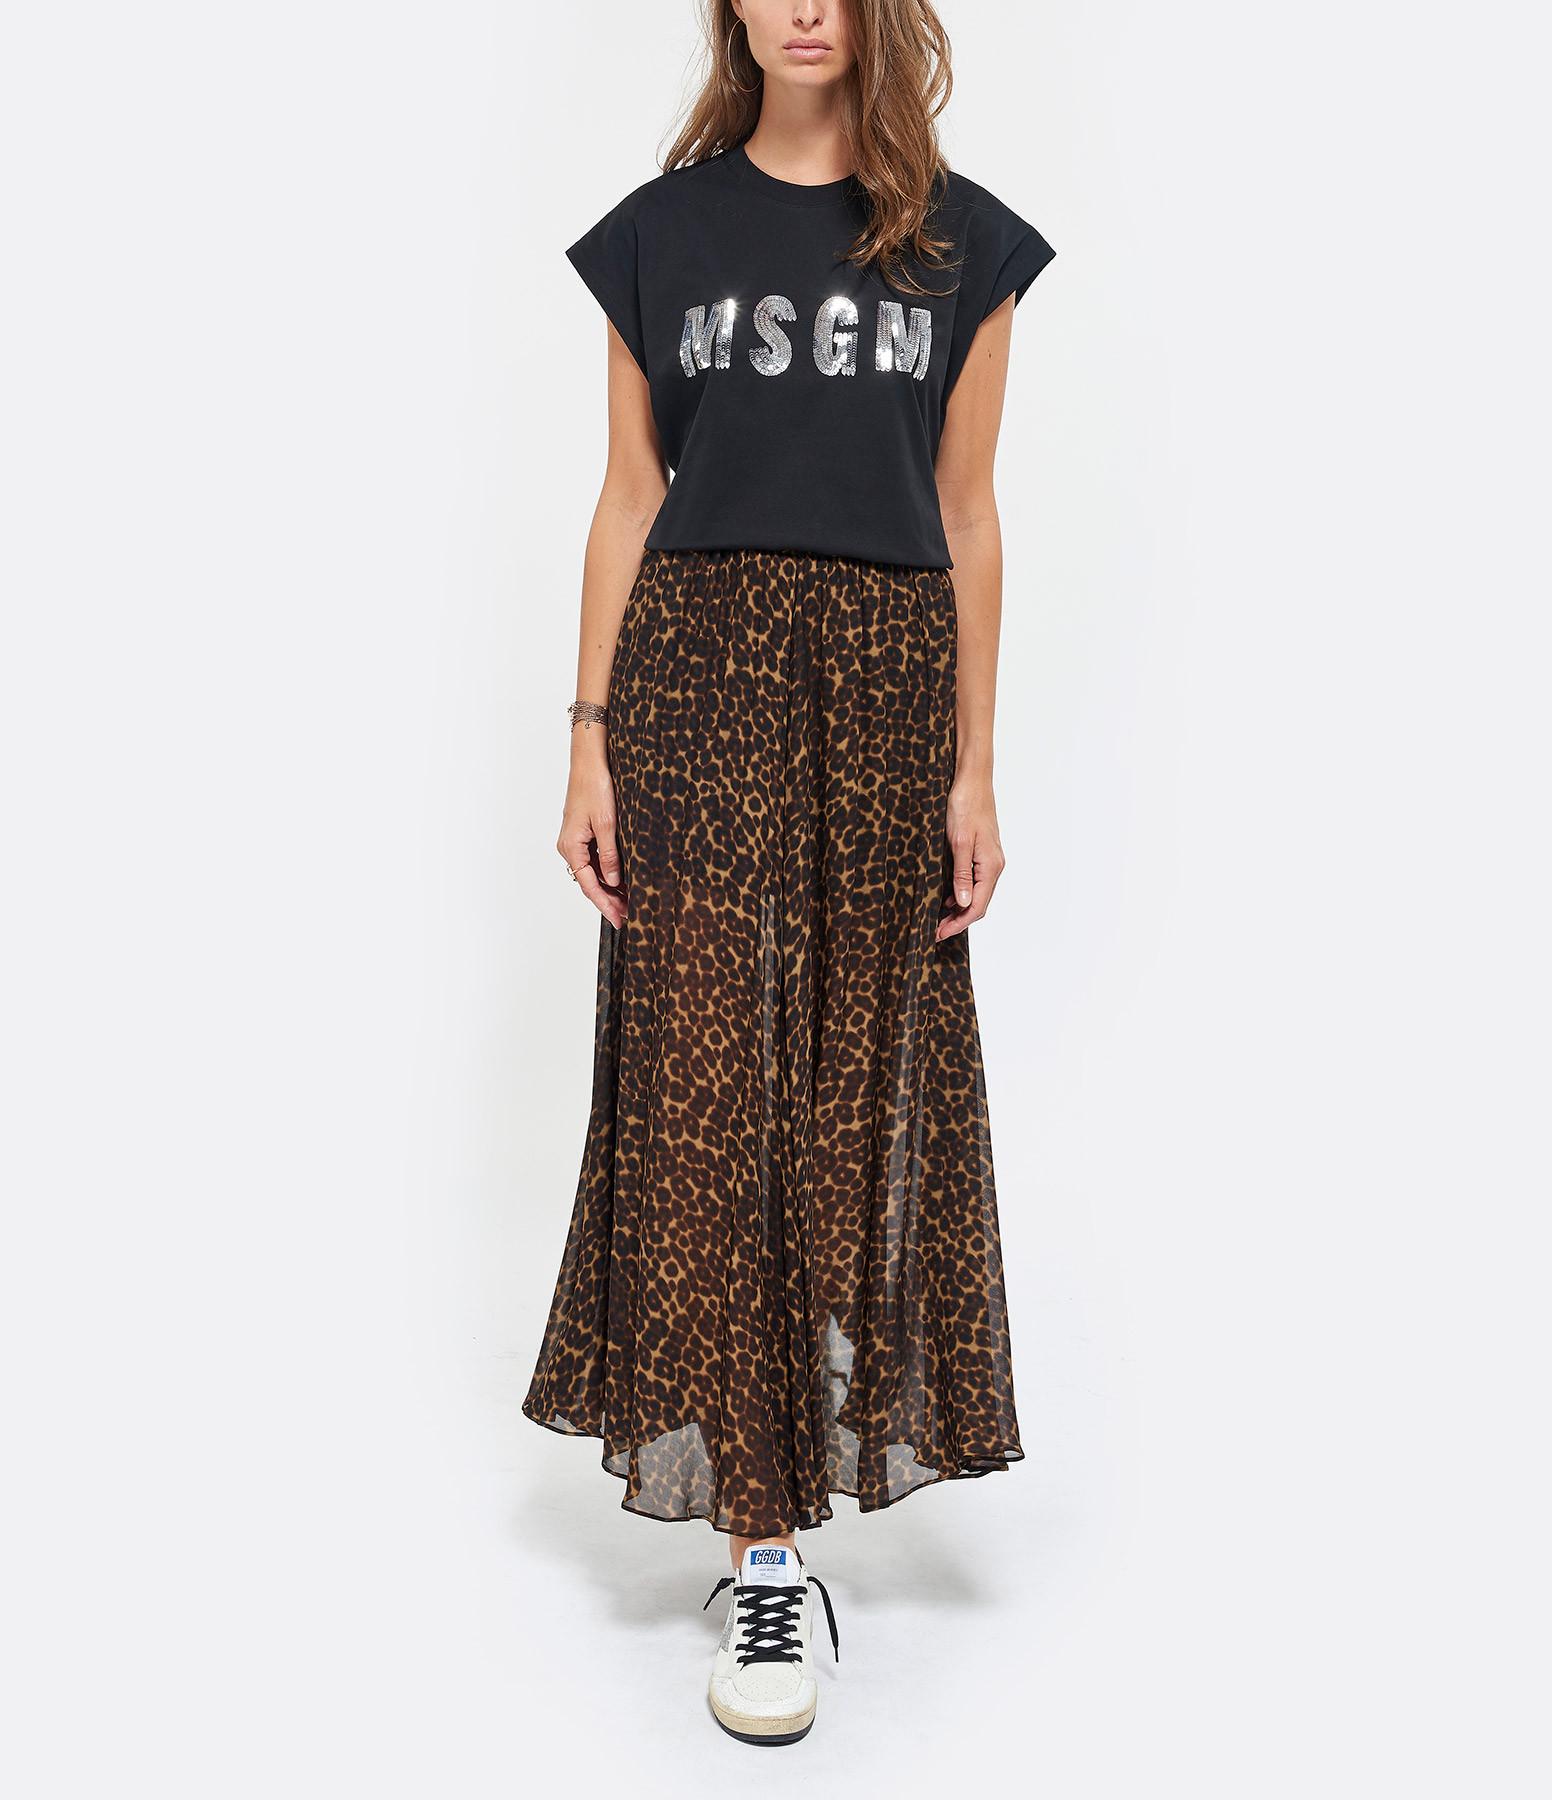 MSGM - Tee-shirt MSGM Noir